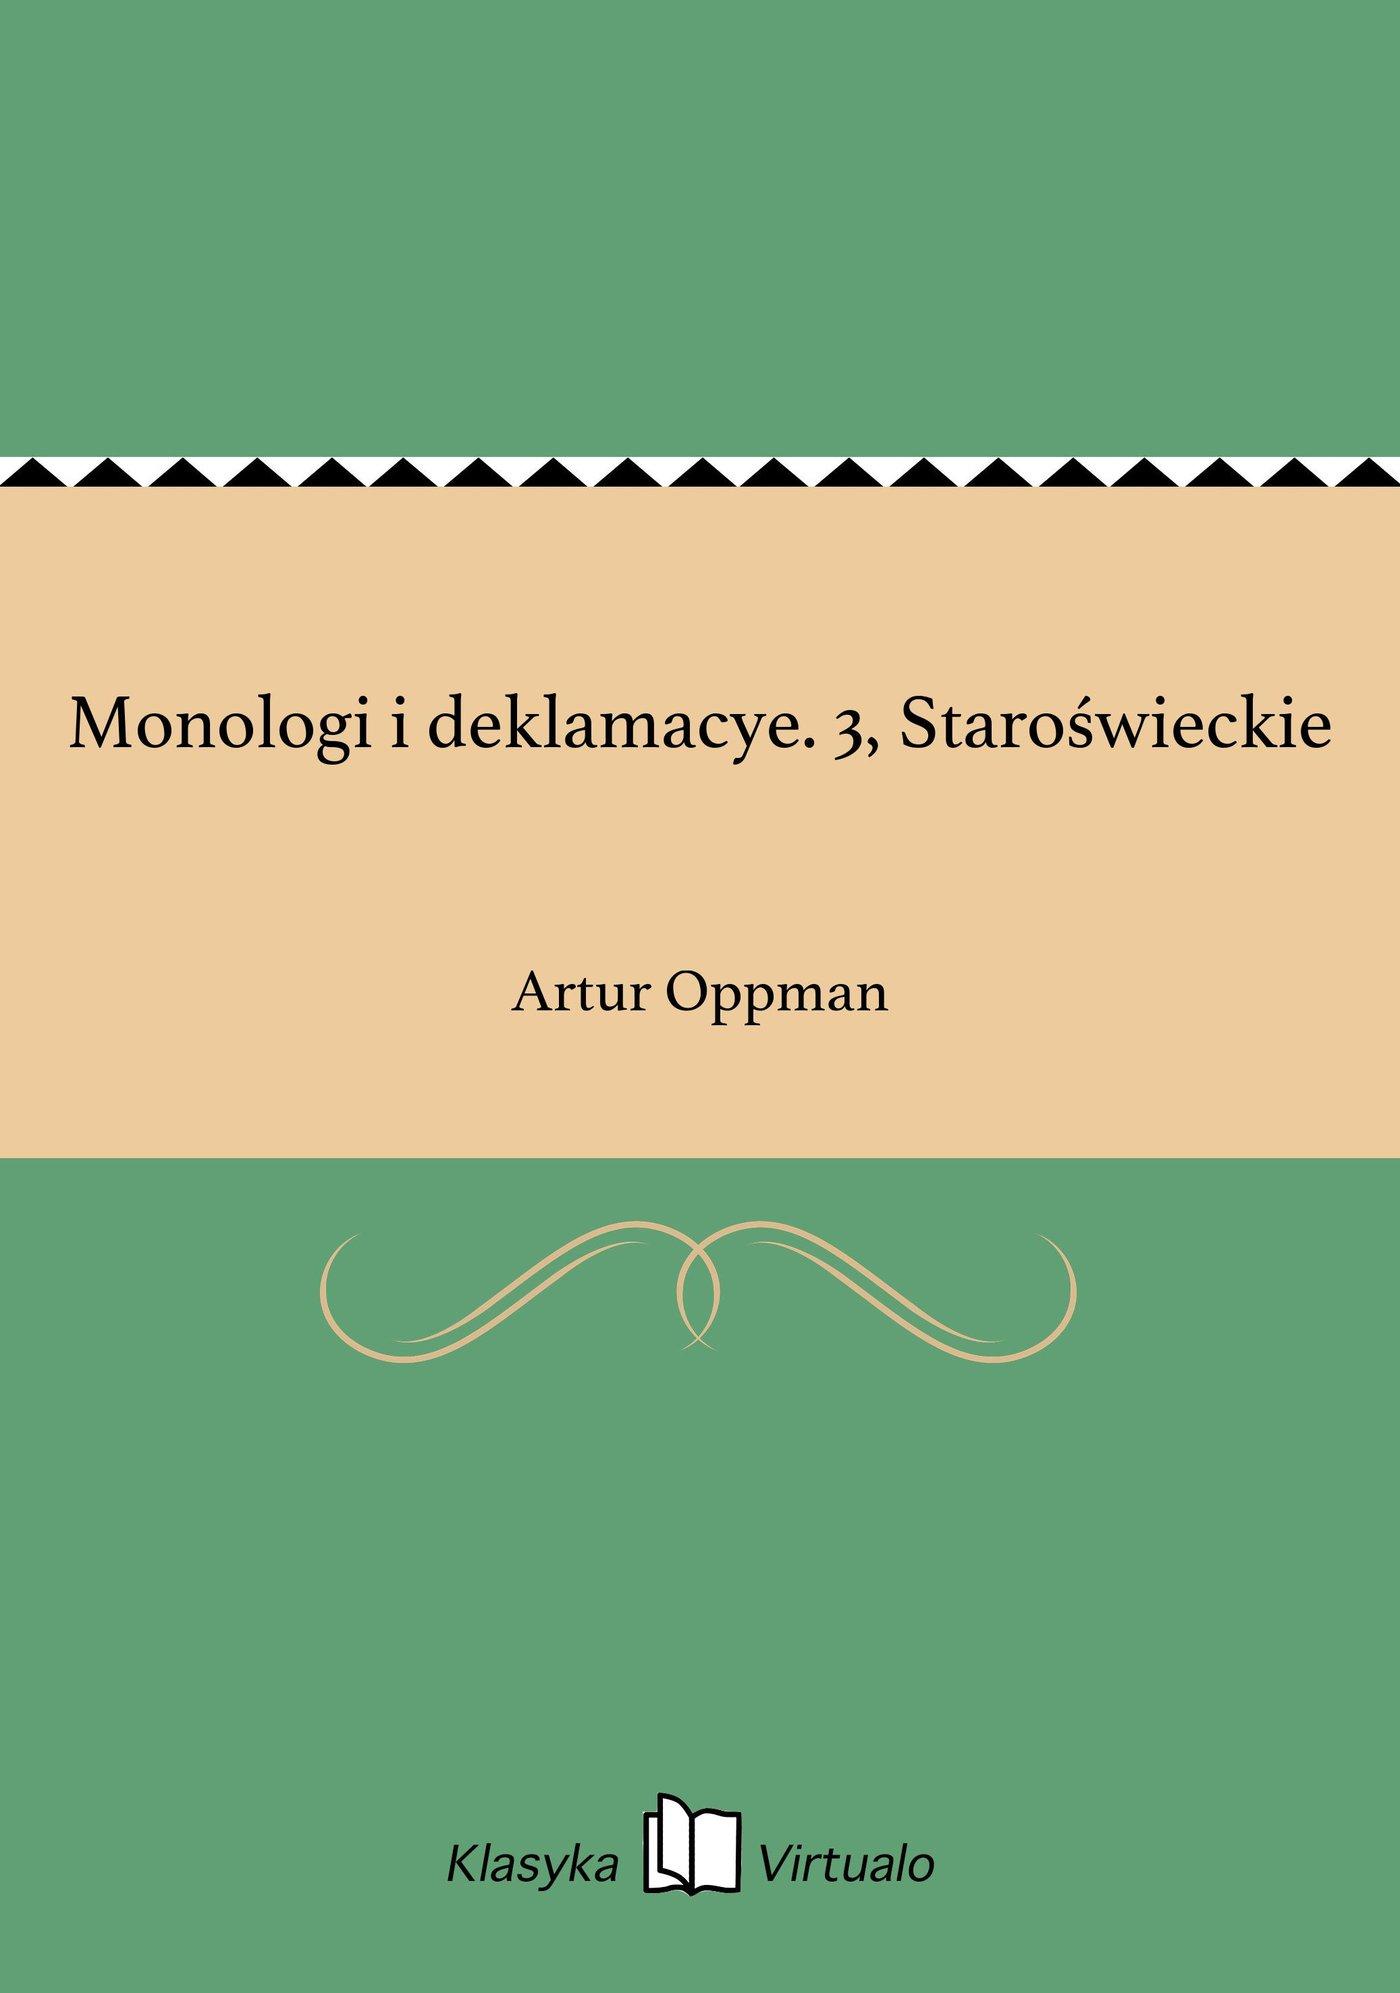 Monologi i deklamacye. 3, Staroświeckie - Ebook (Książka EPUB) do pobrania w formacie EPUB